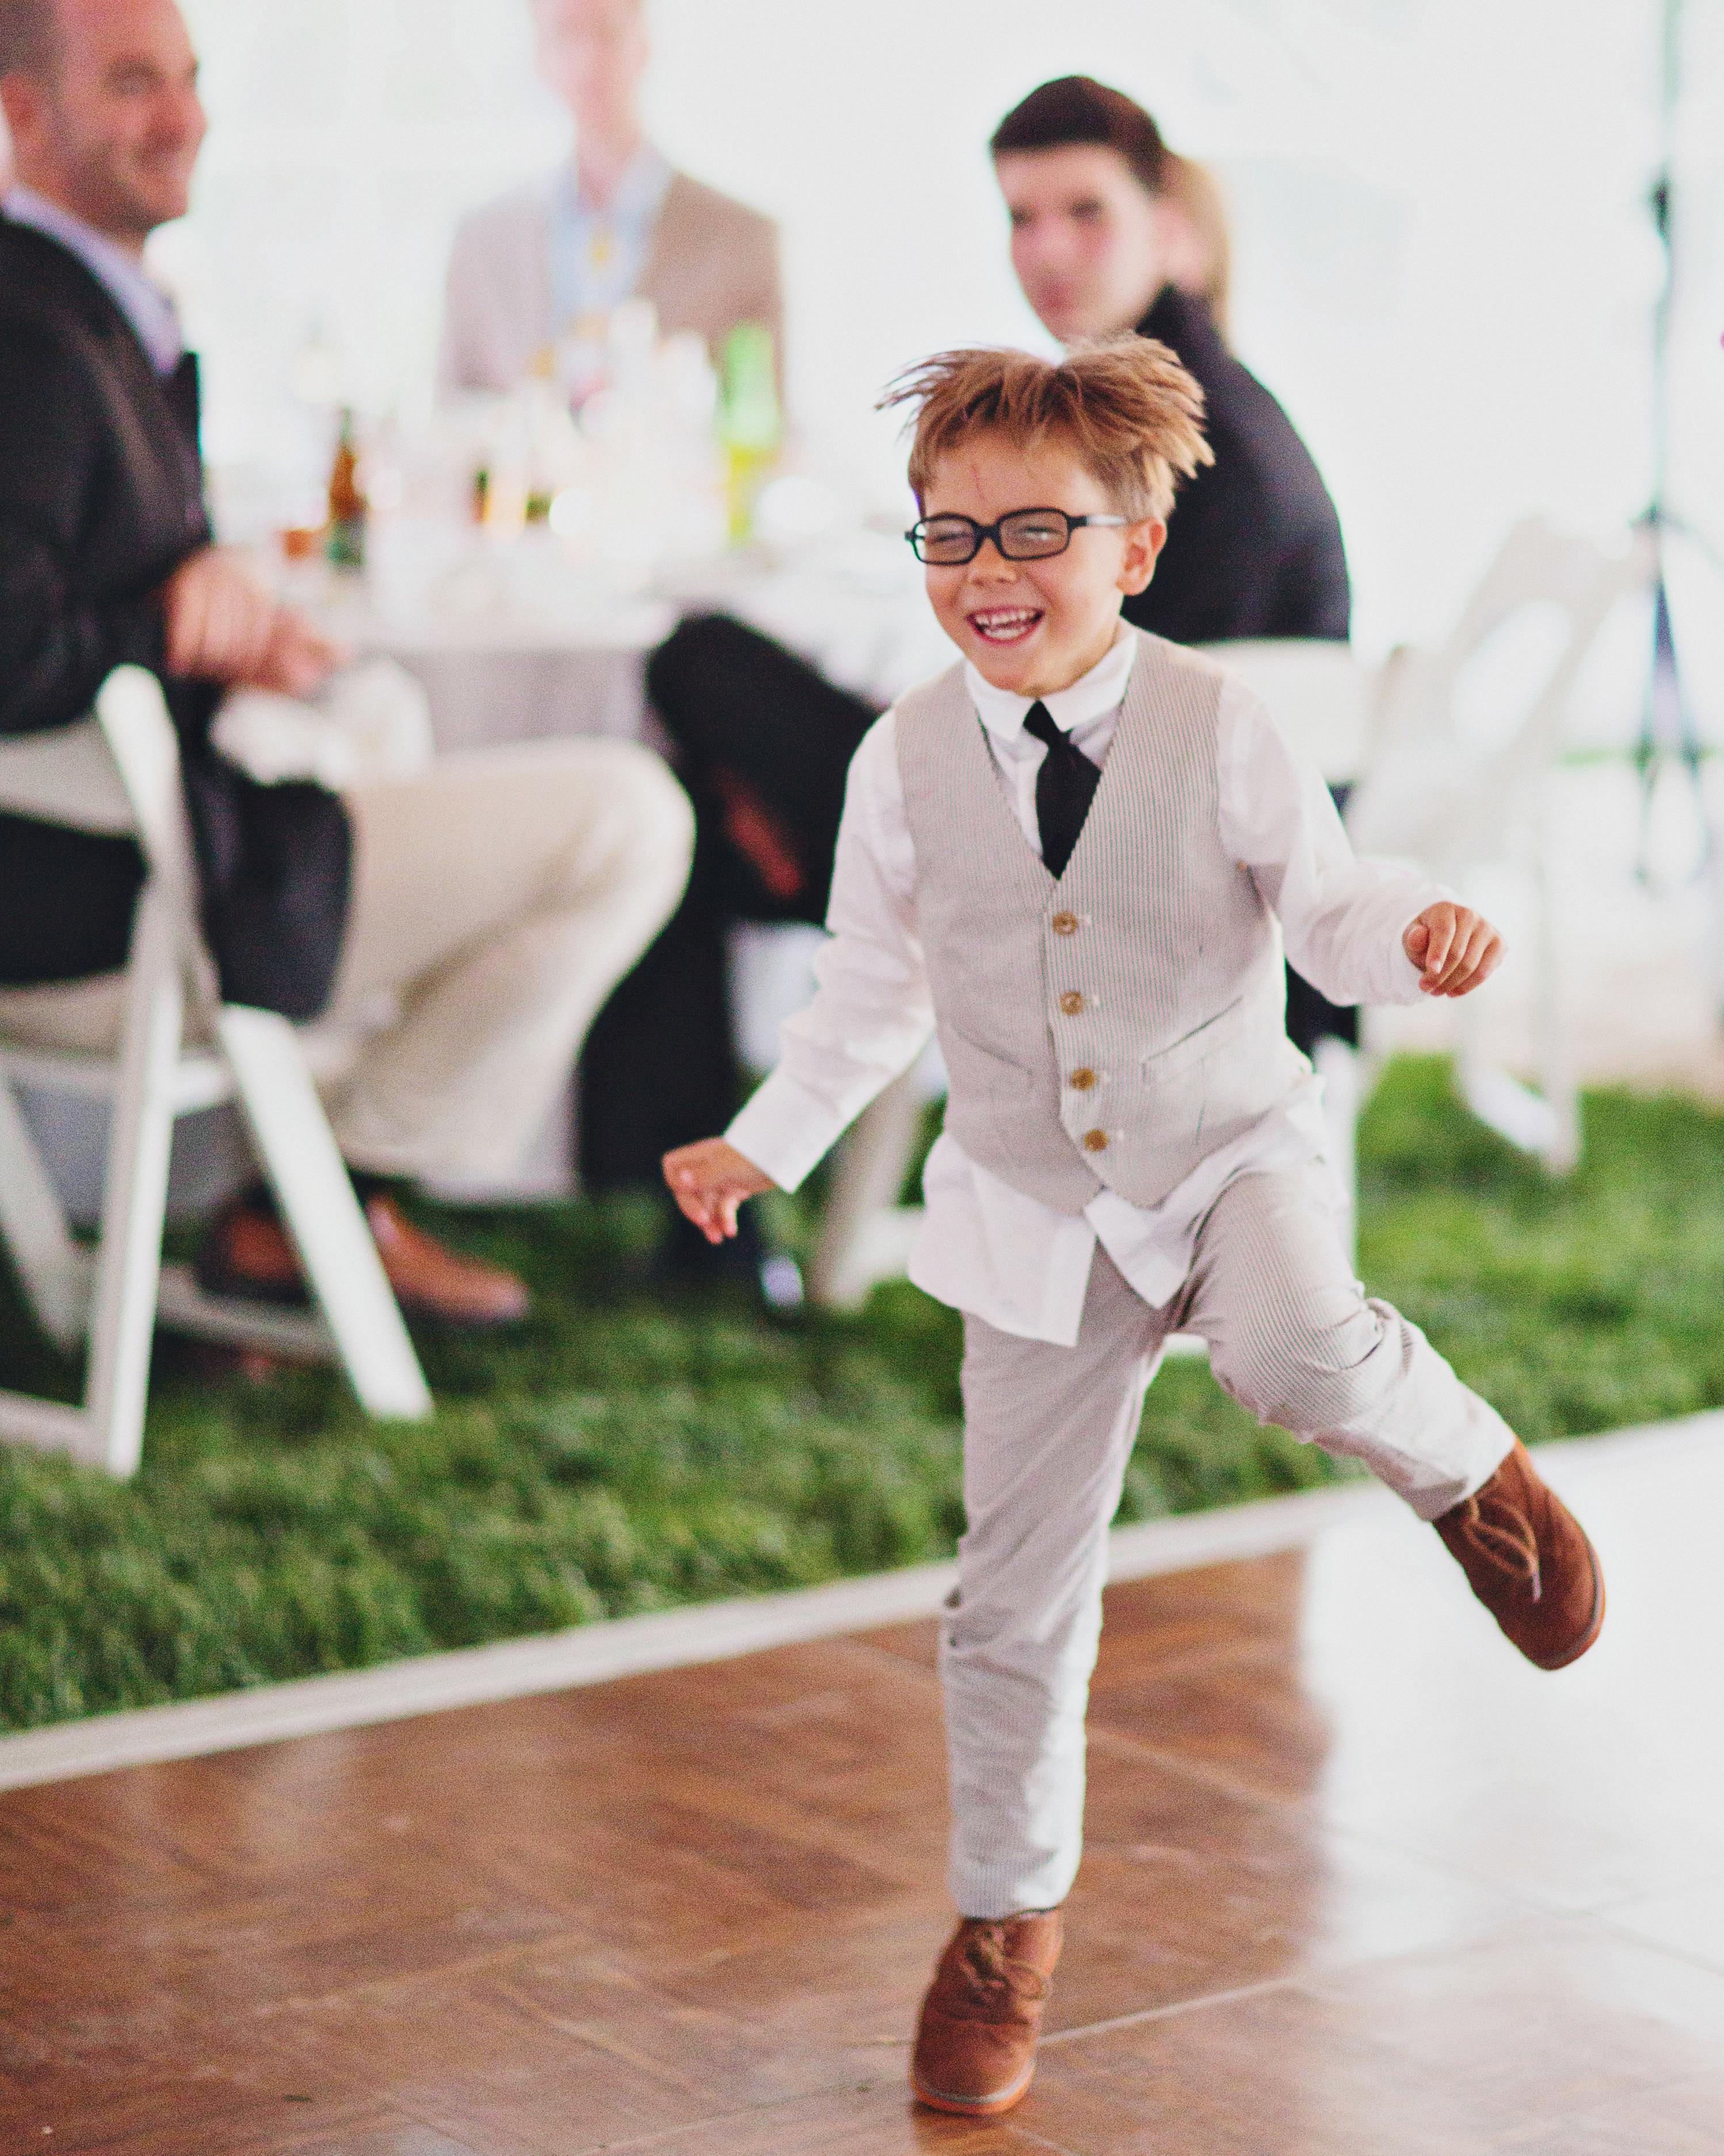 casey-ross-wedding-dancing-761-s111514-1114.jpg